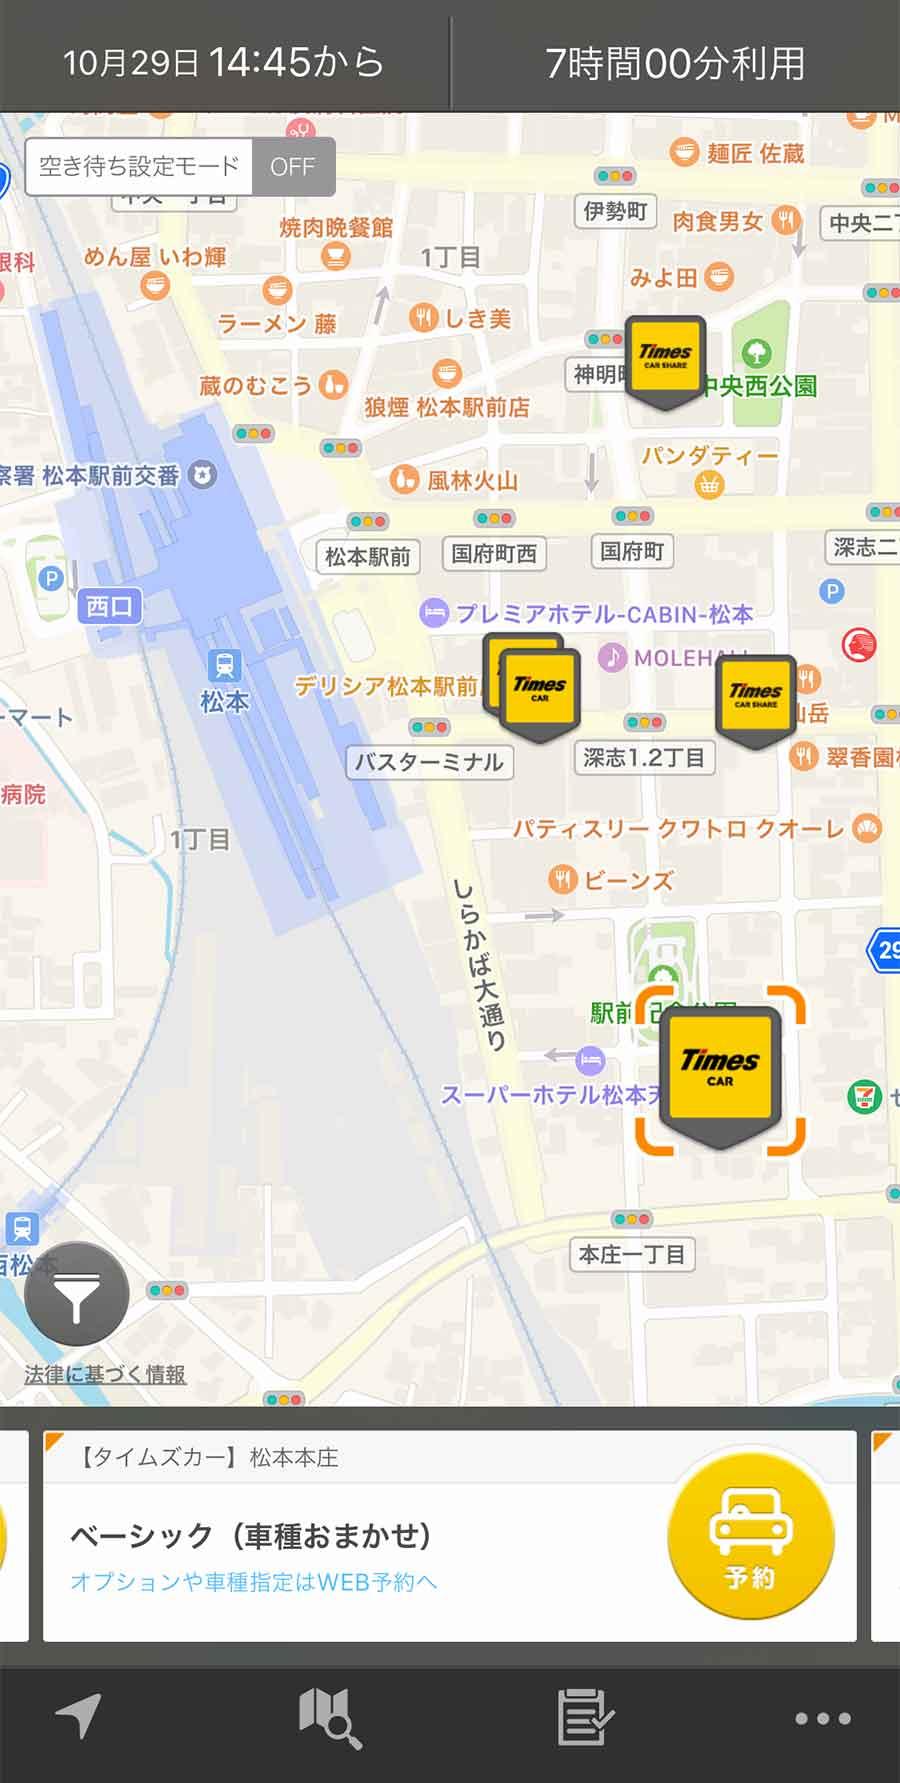 松本駅周辺のタイムズカーシェア駐車場